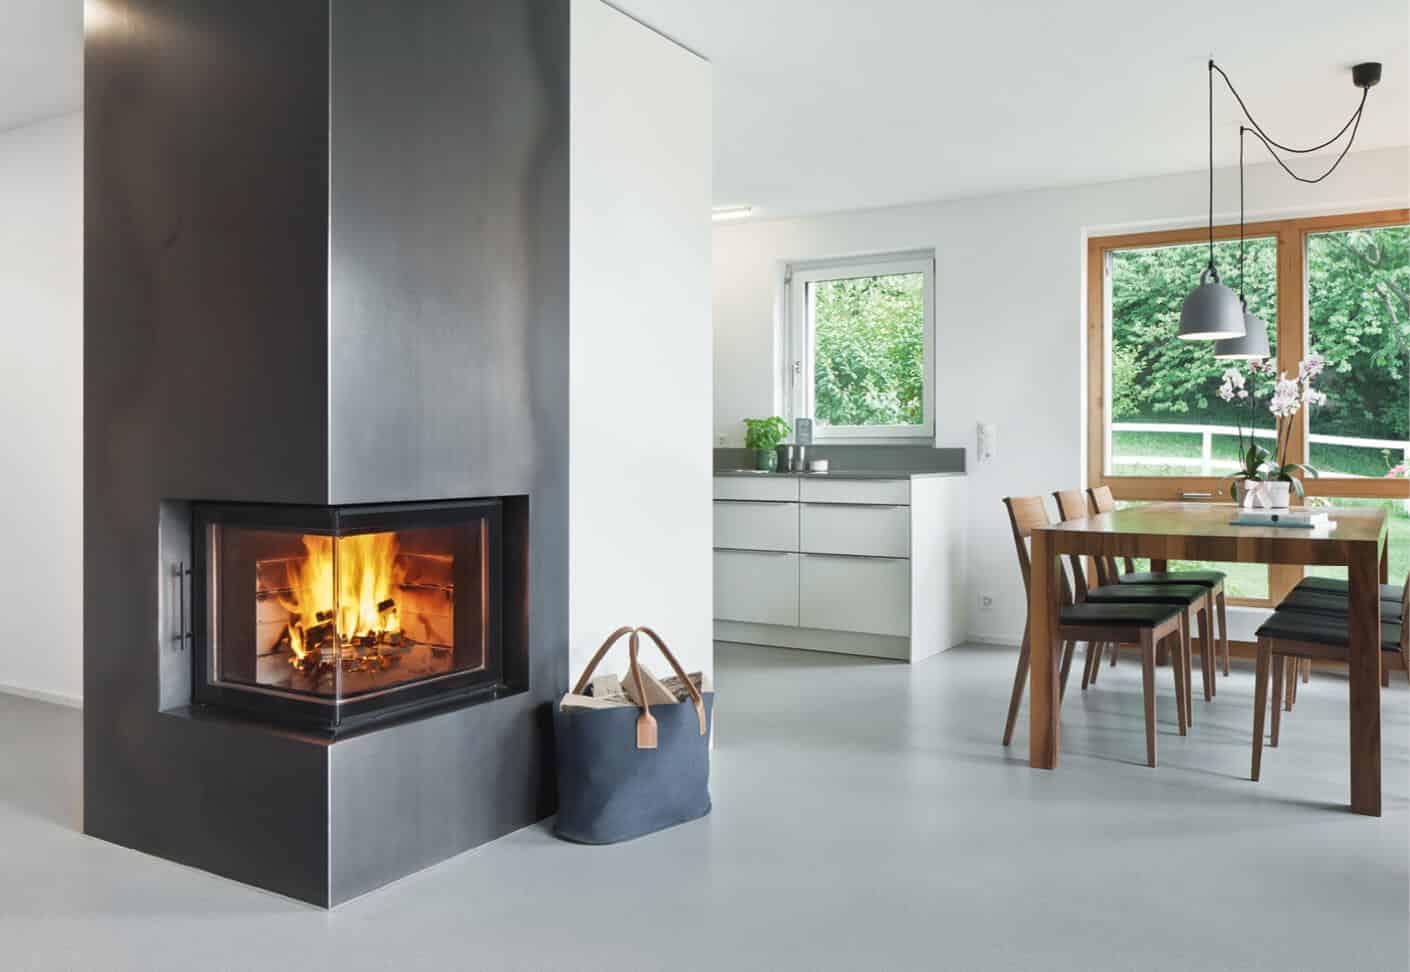 Helle offene Wohnung, Blick in Esszimmer und Küche